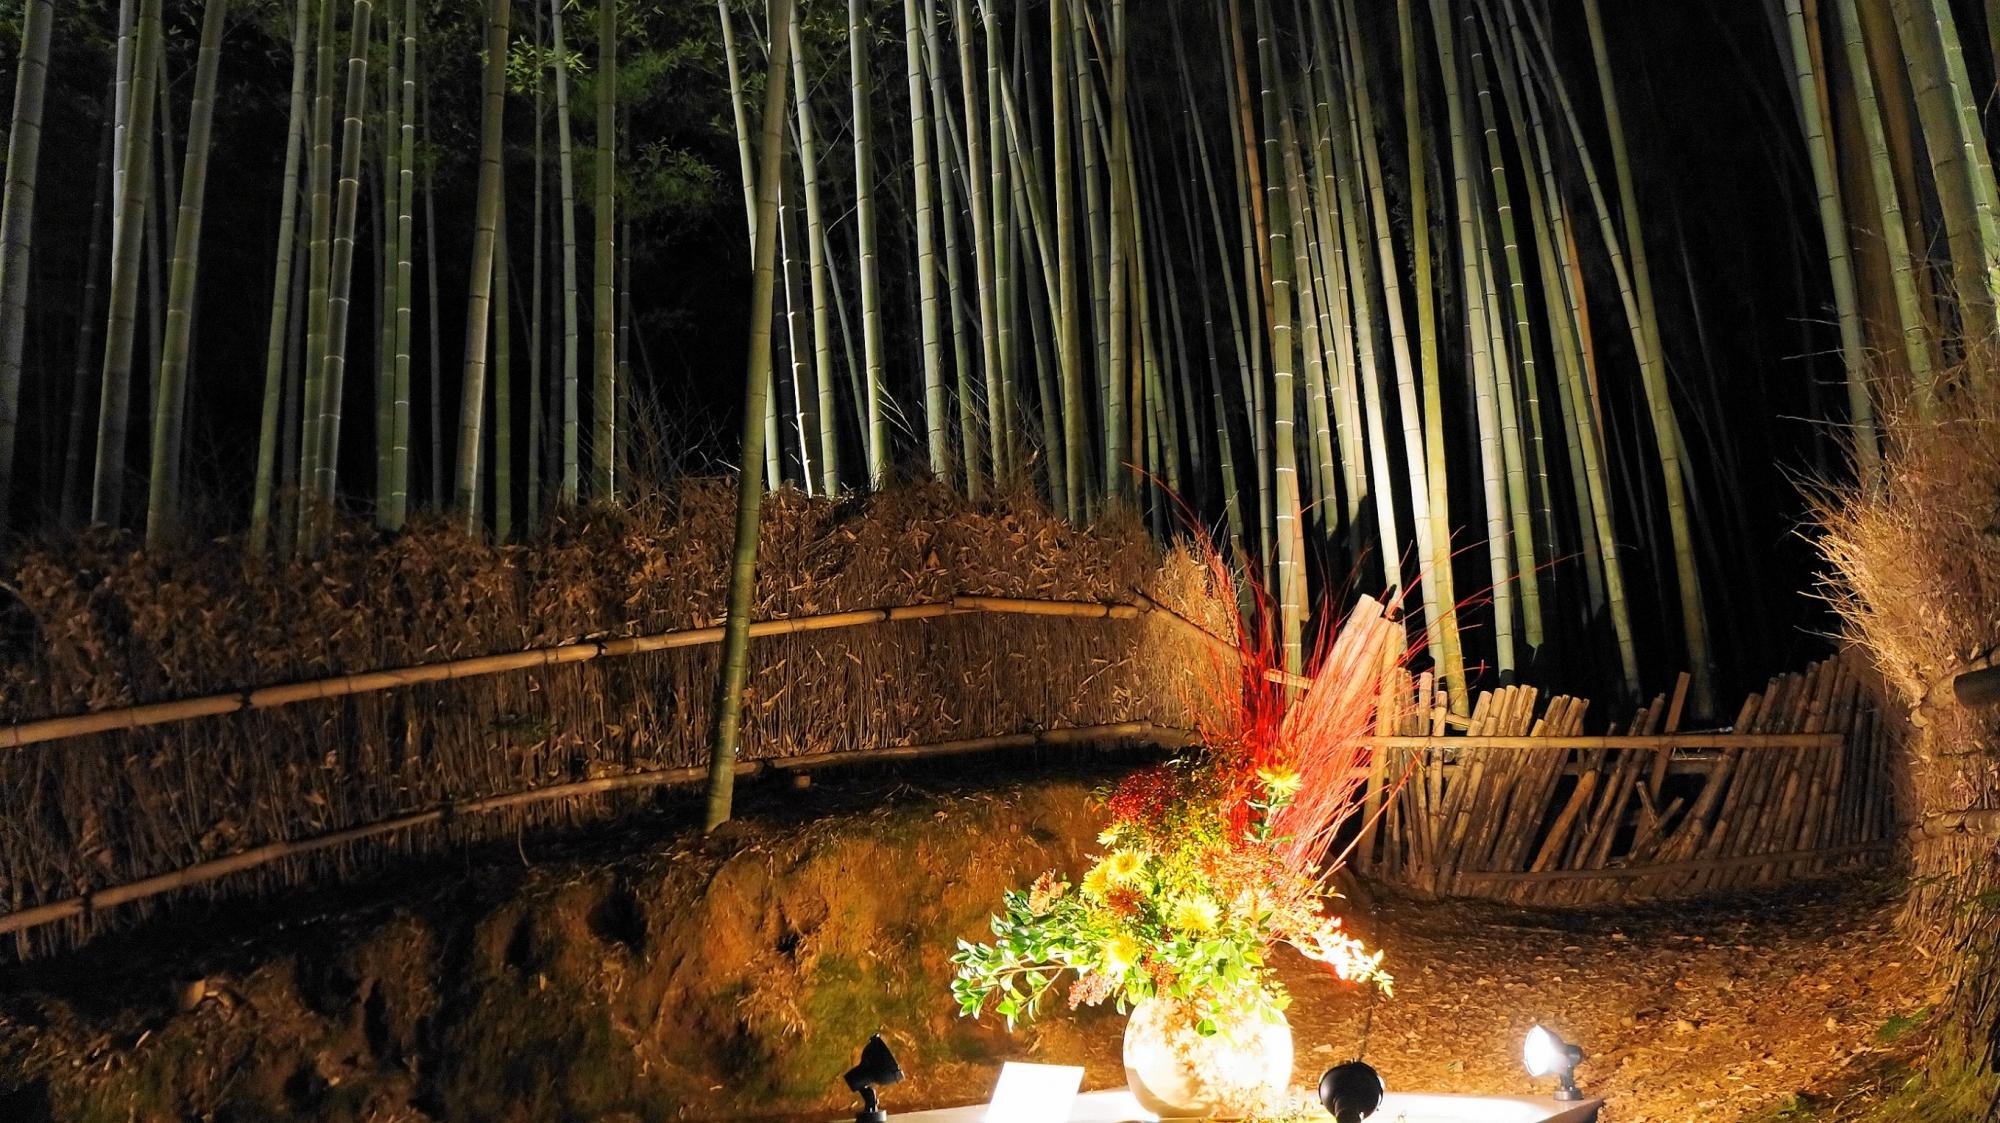 嵐山花灯路の美しい竹林ライトアップ